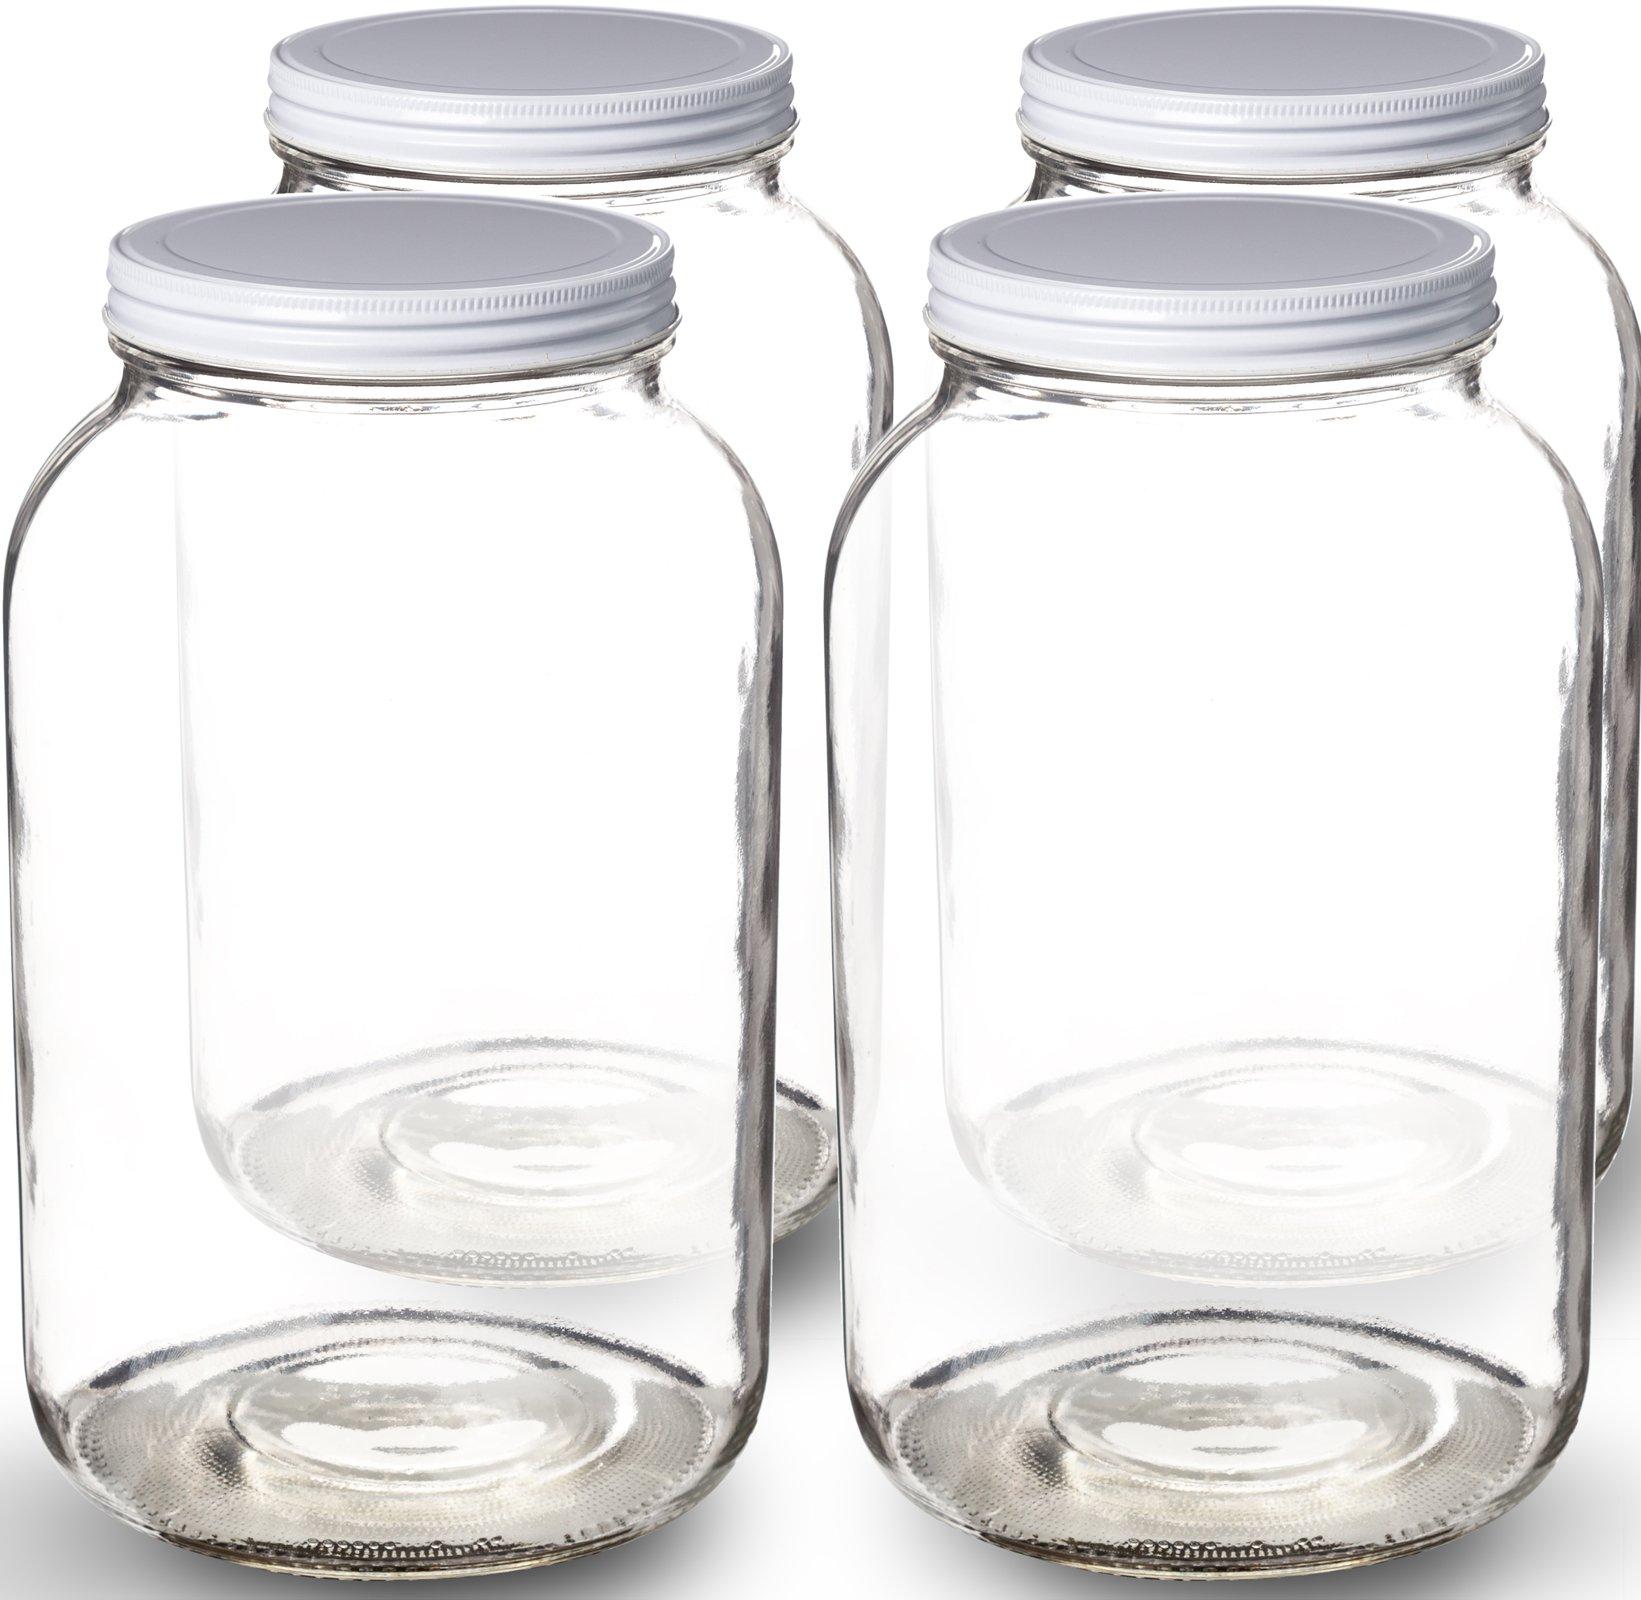 1d1290df7646 Cheap Seal Airtight Clear 1 Gallon Glass Jar, find Seal Airtight ...